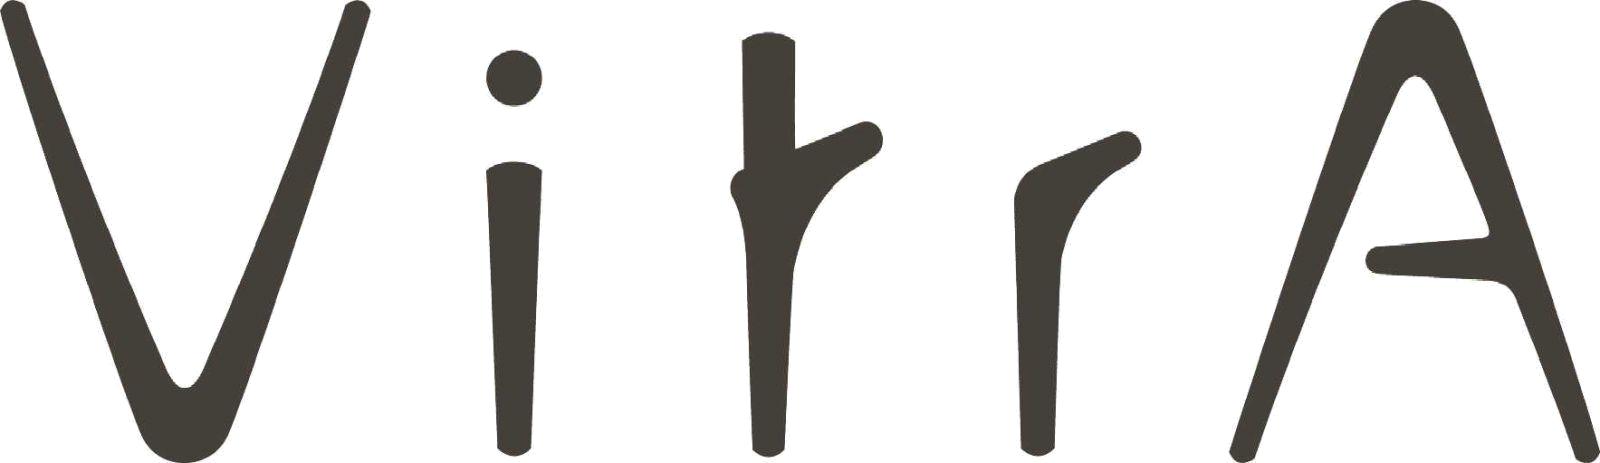 Напольный керамогранит Vitra